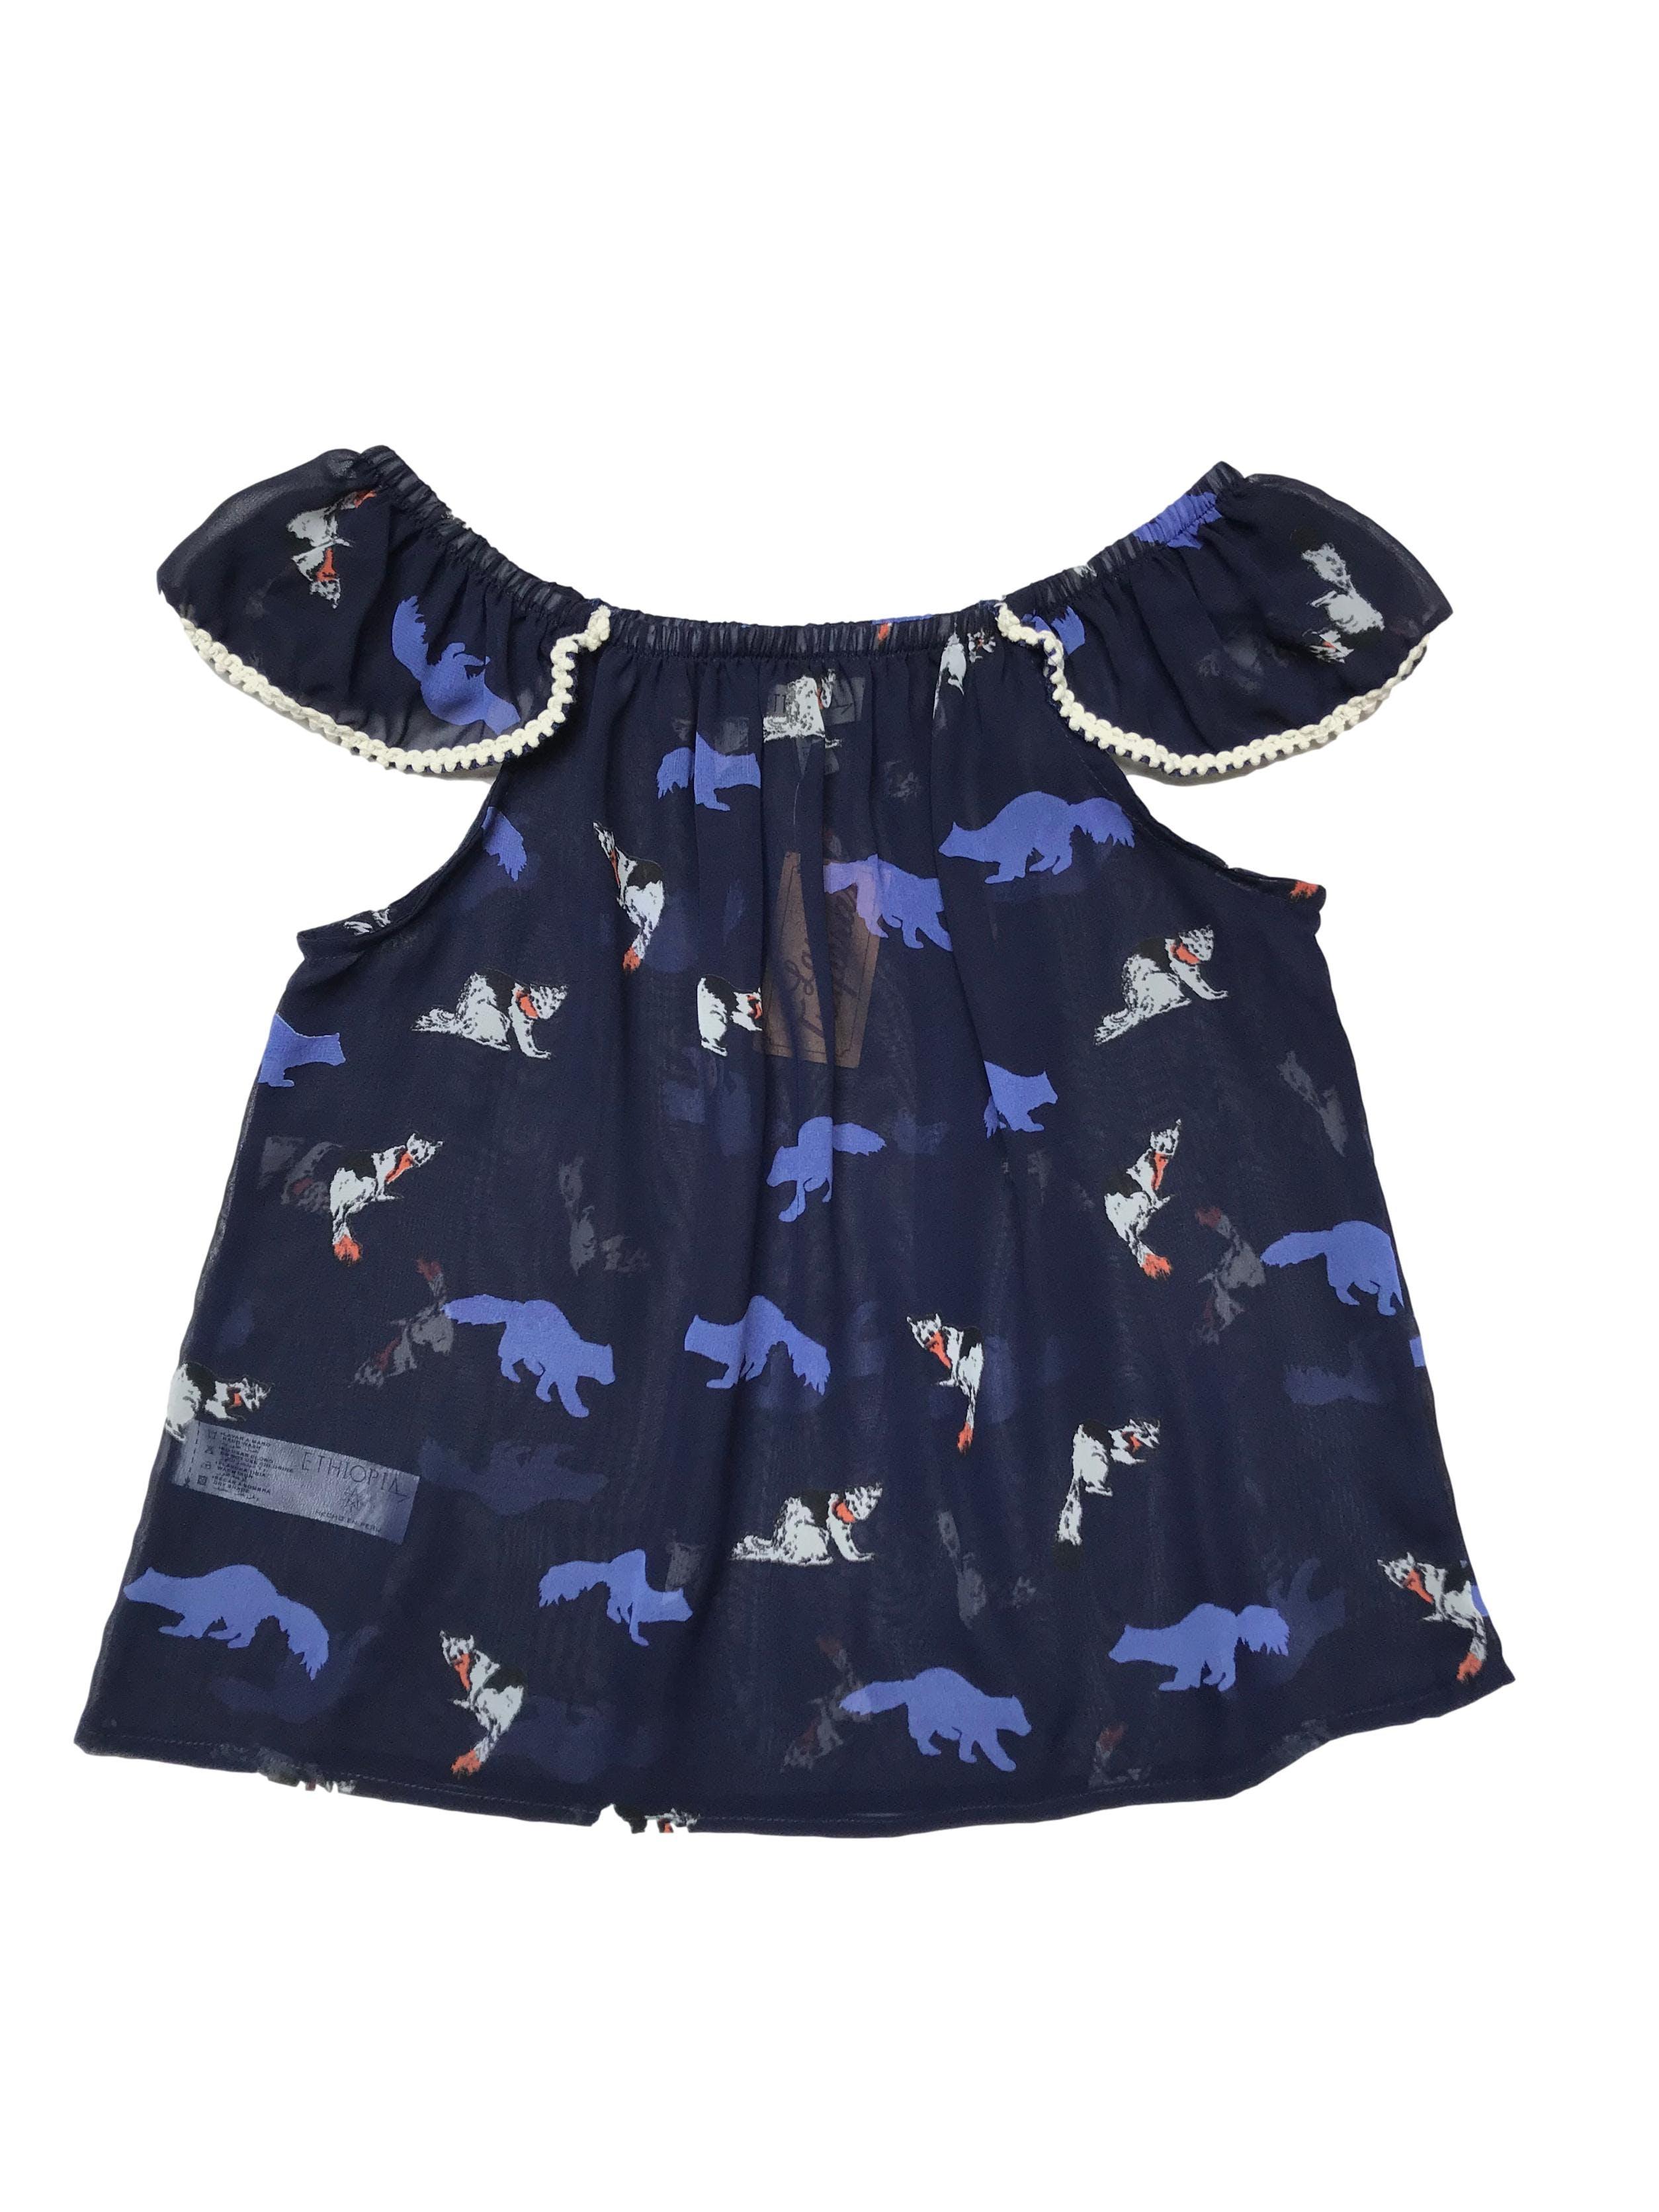 Blusa de gasa azul con estampado de animalitos, off shoulder con elástico.